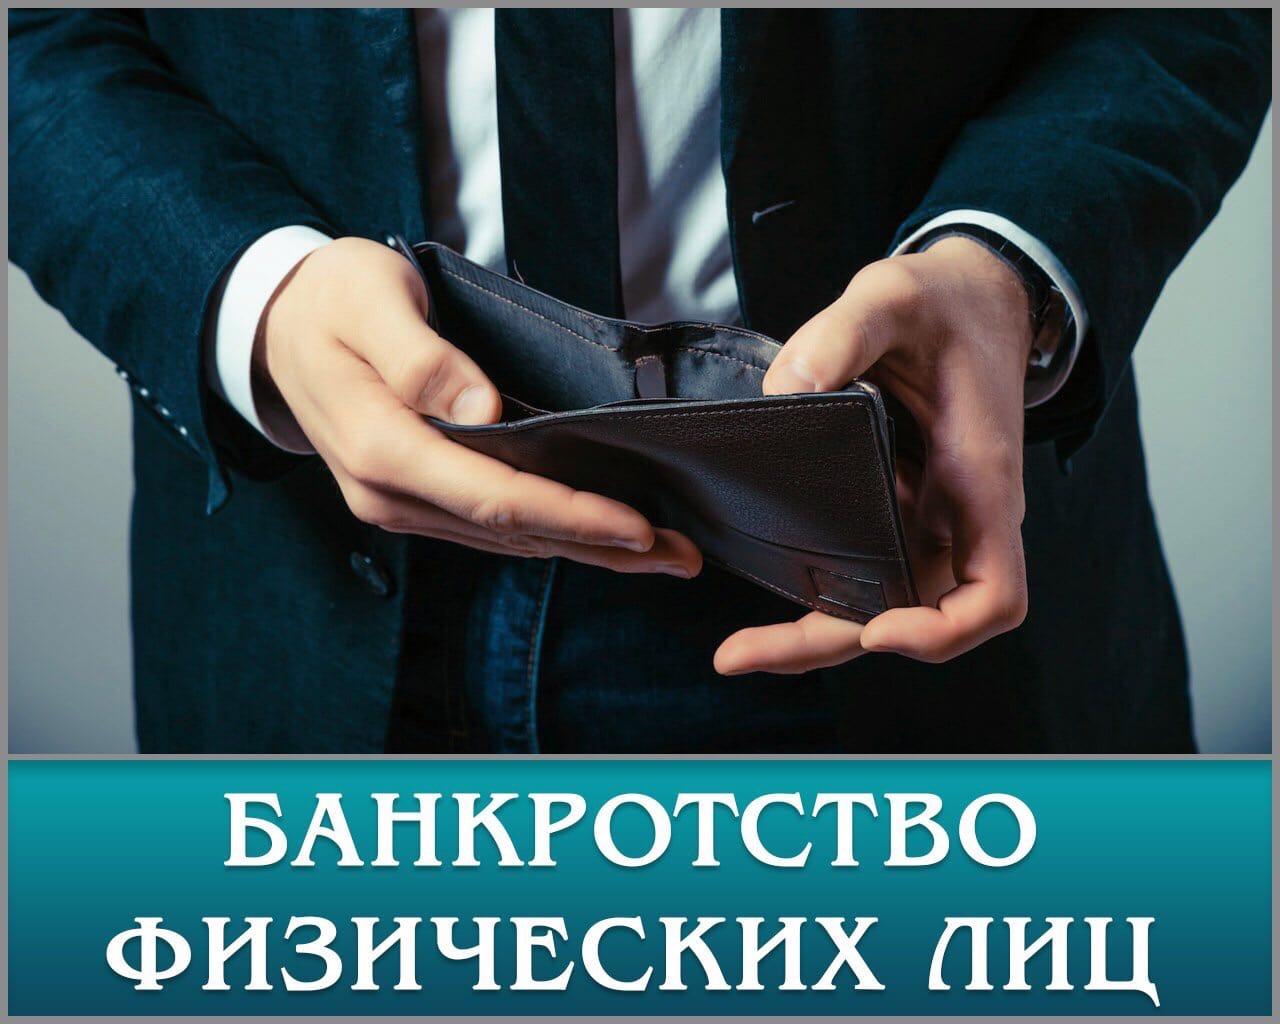 банкротство физических лиц ярославль стоимость